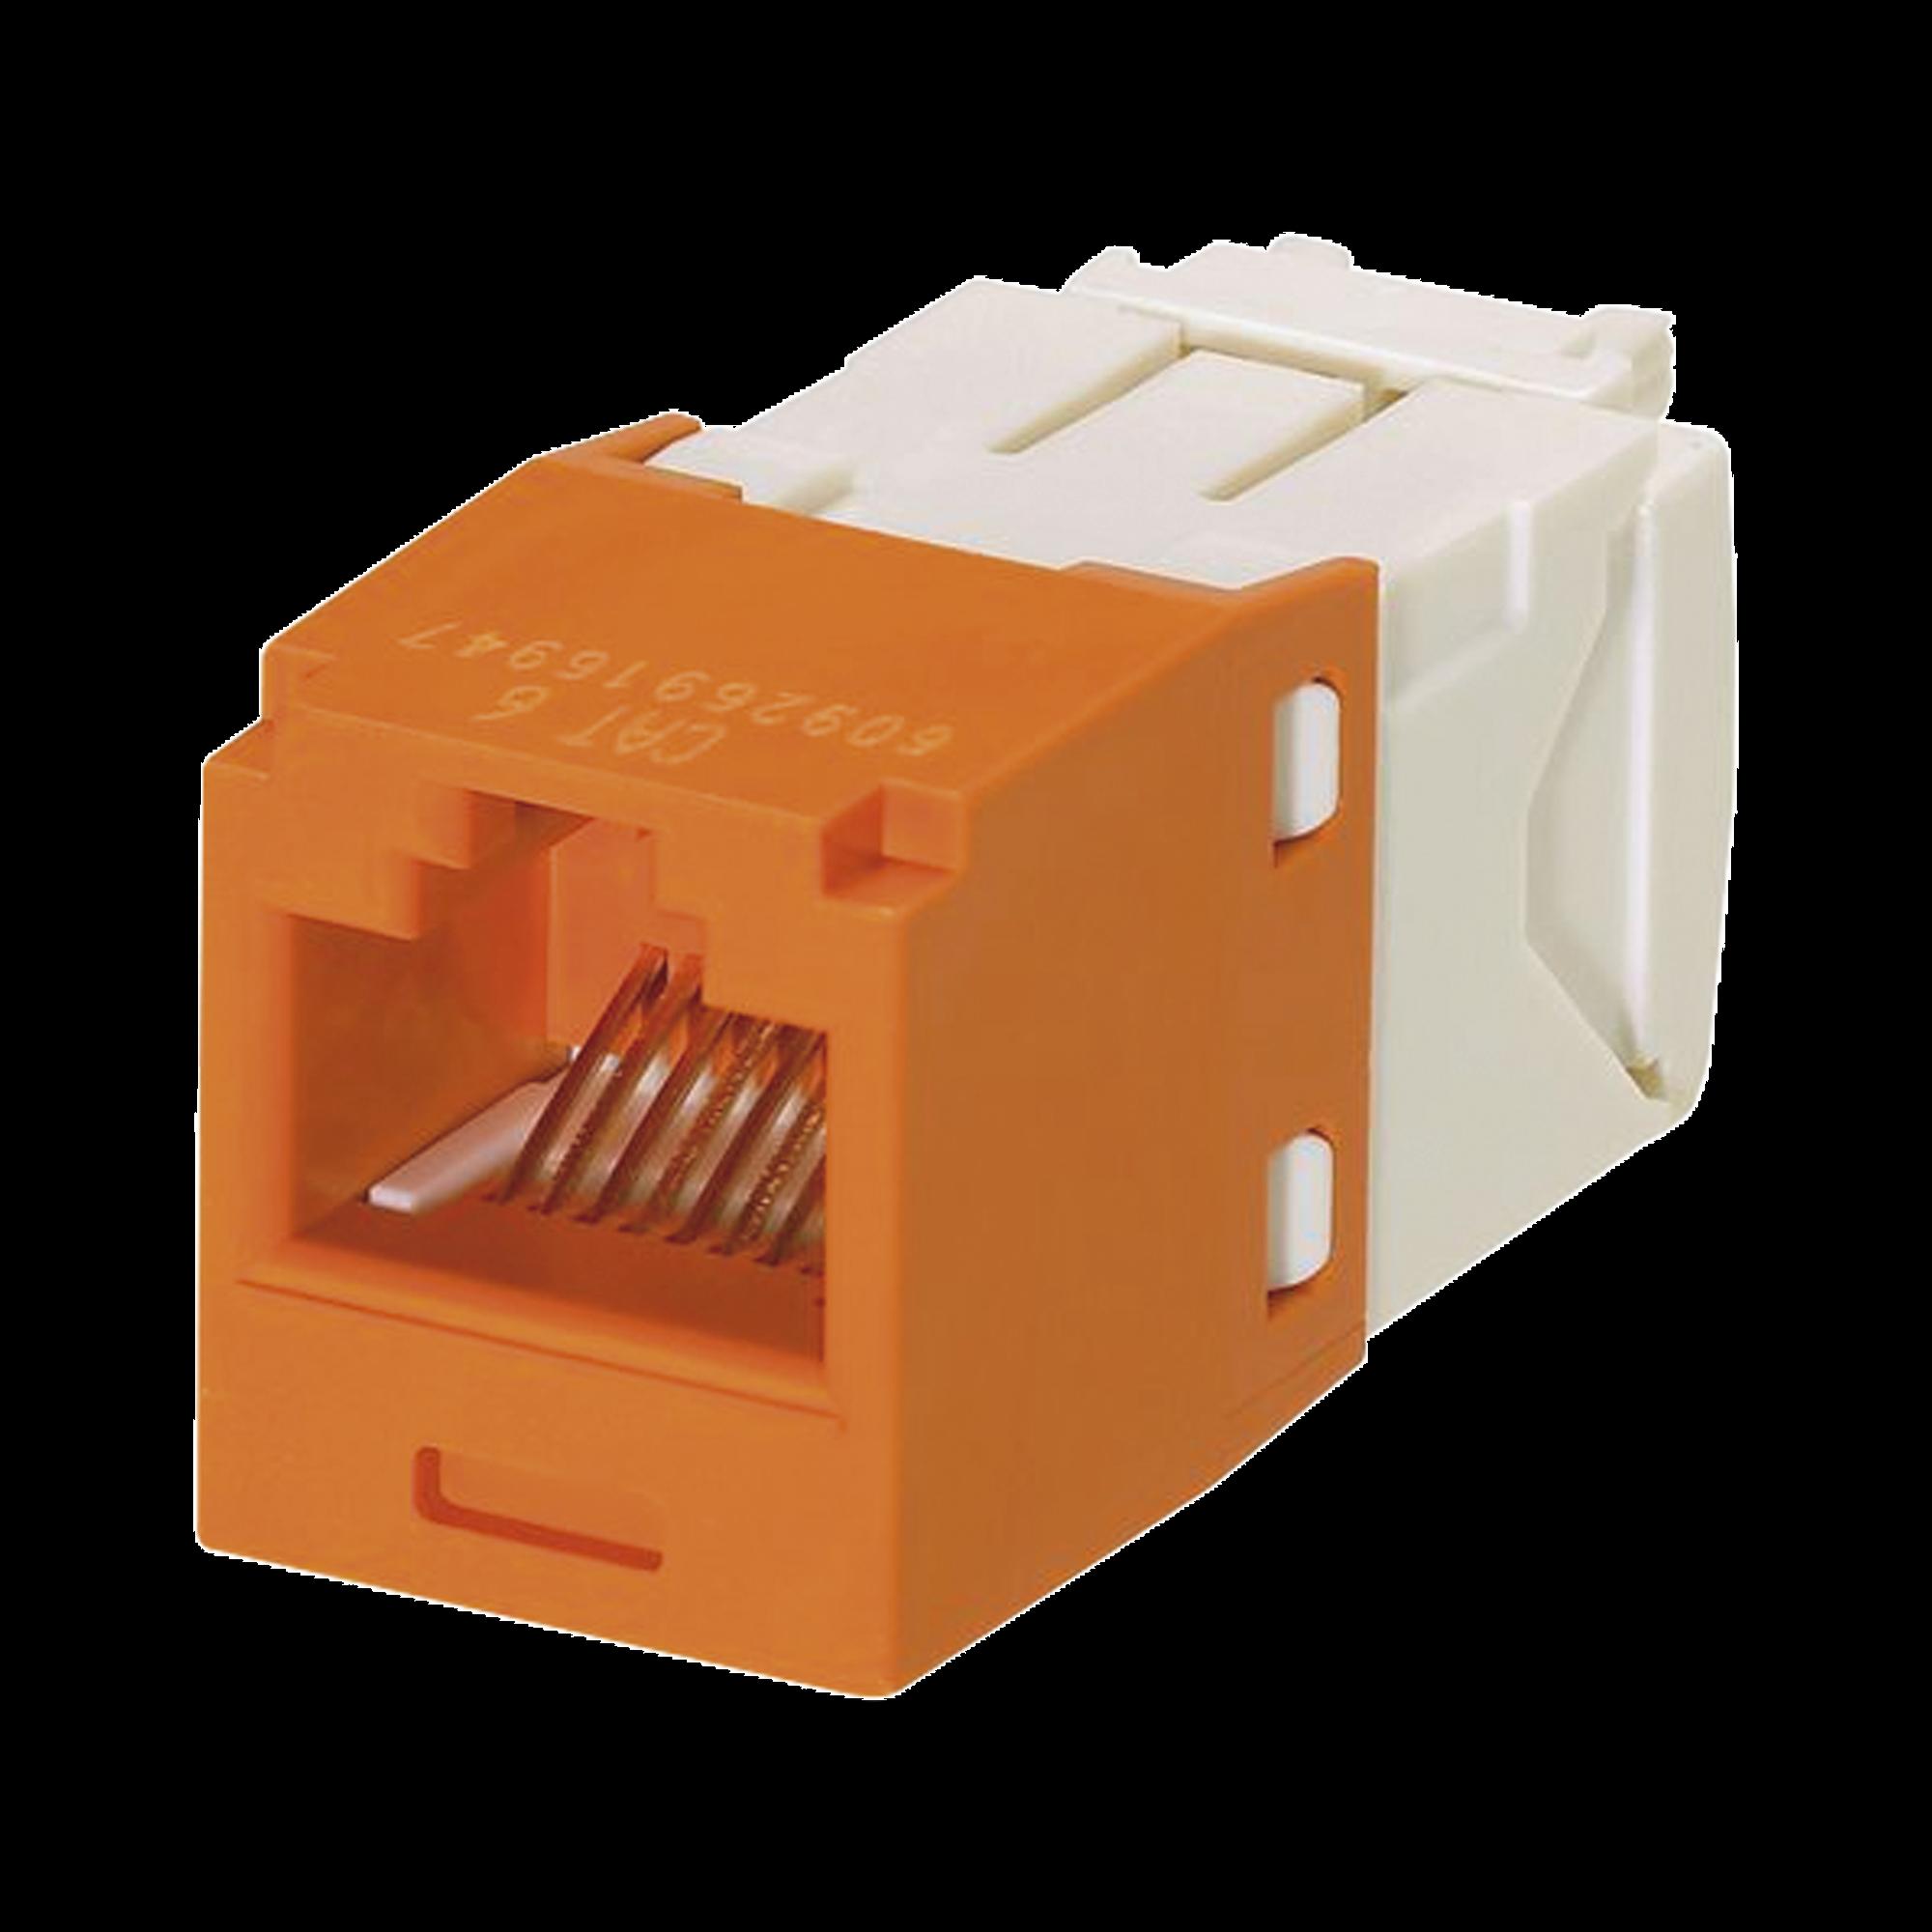 Conector Jack RJ45 Estilo TG, Mini-Com, Categoría 6, de 8 posiciones y 8 cables, Color Naranja